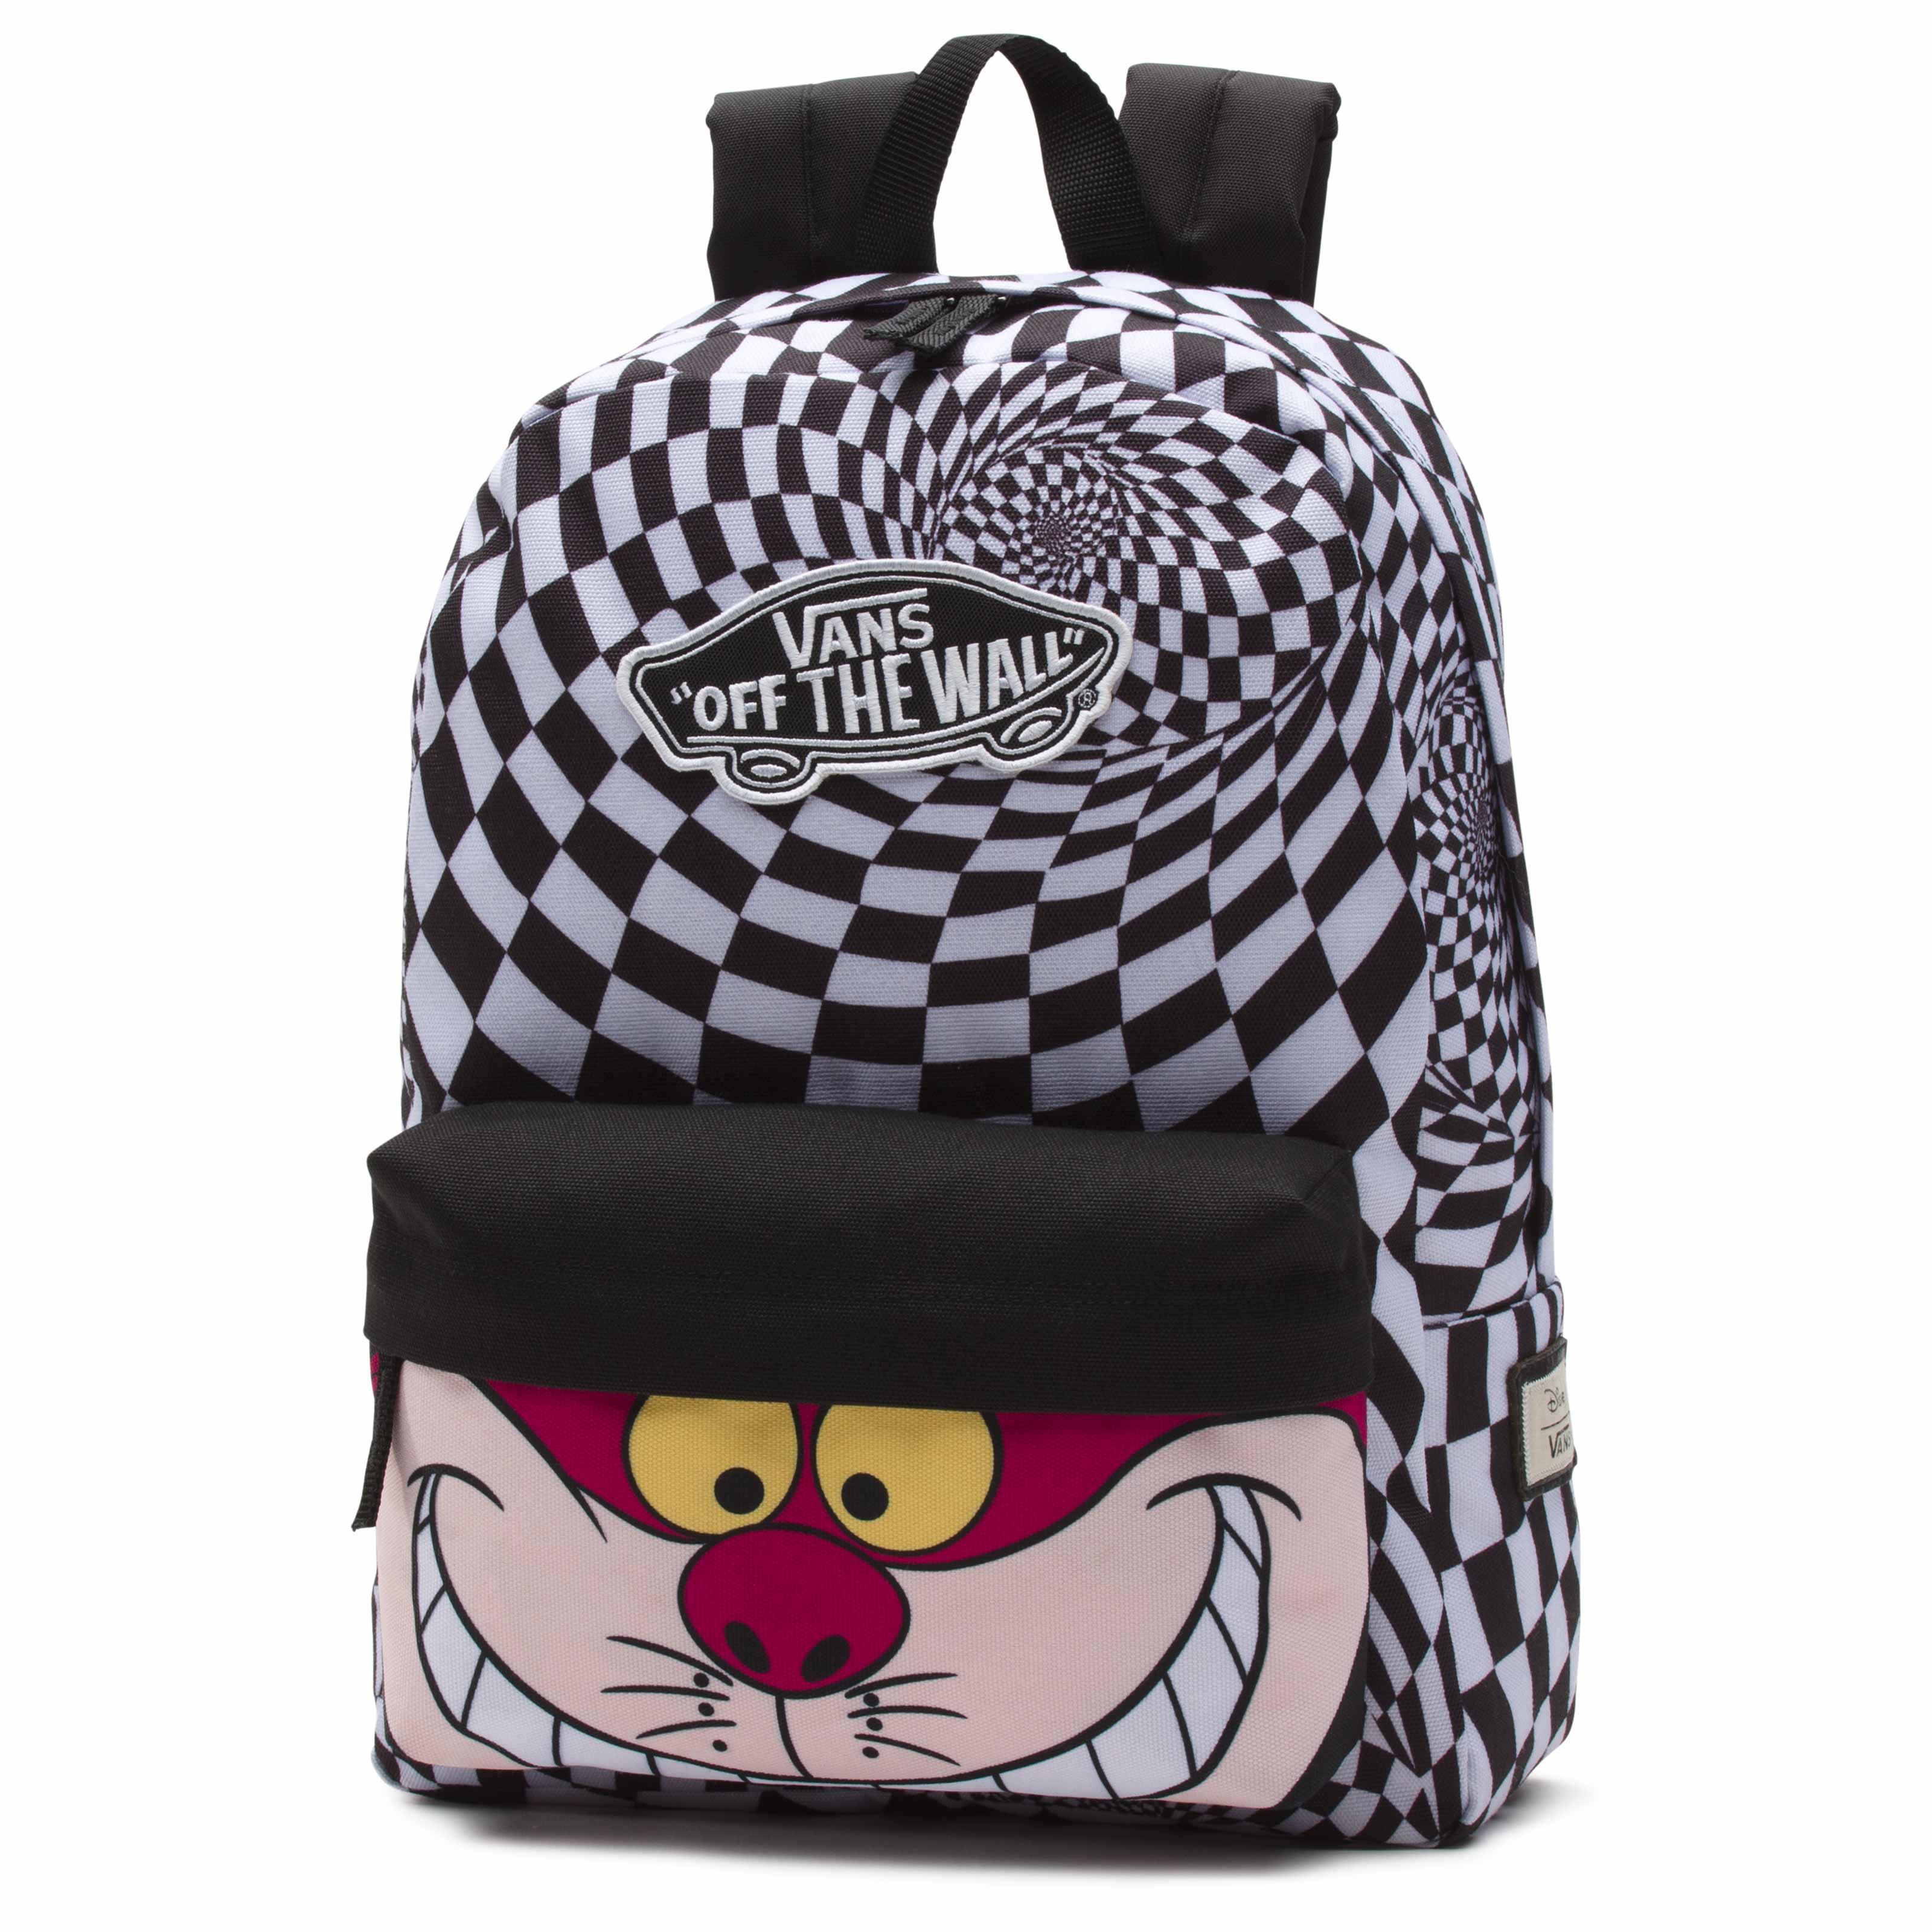 Розовый рюкзак с далматинцами купить рюкзака третьего рейха